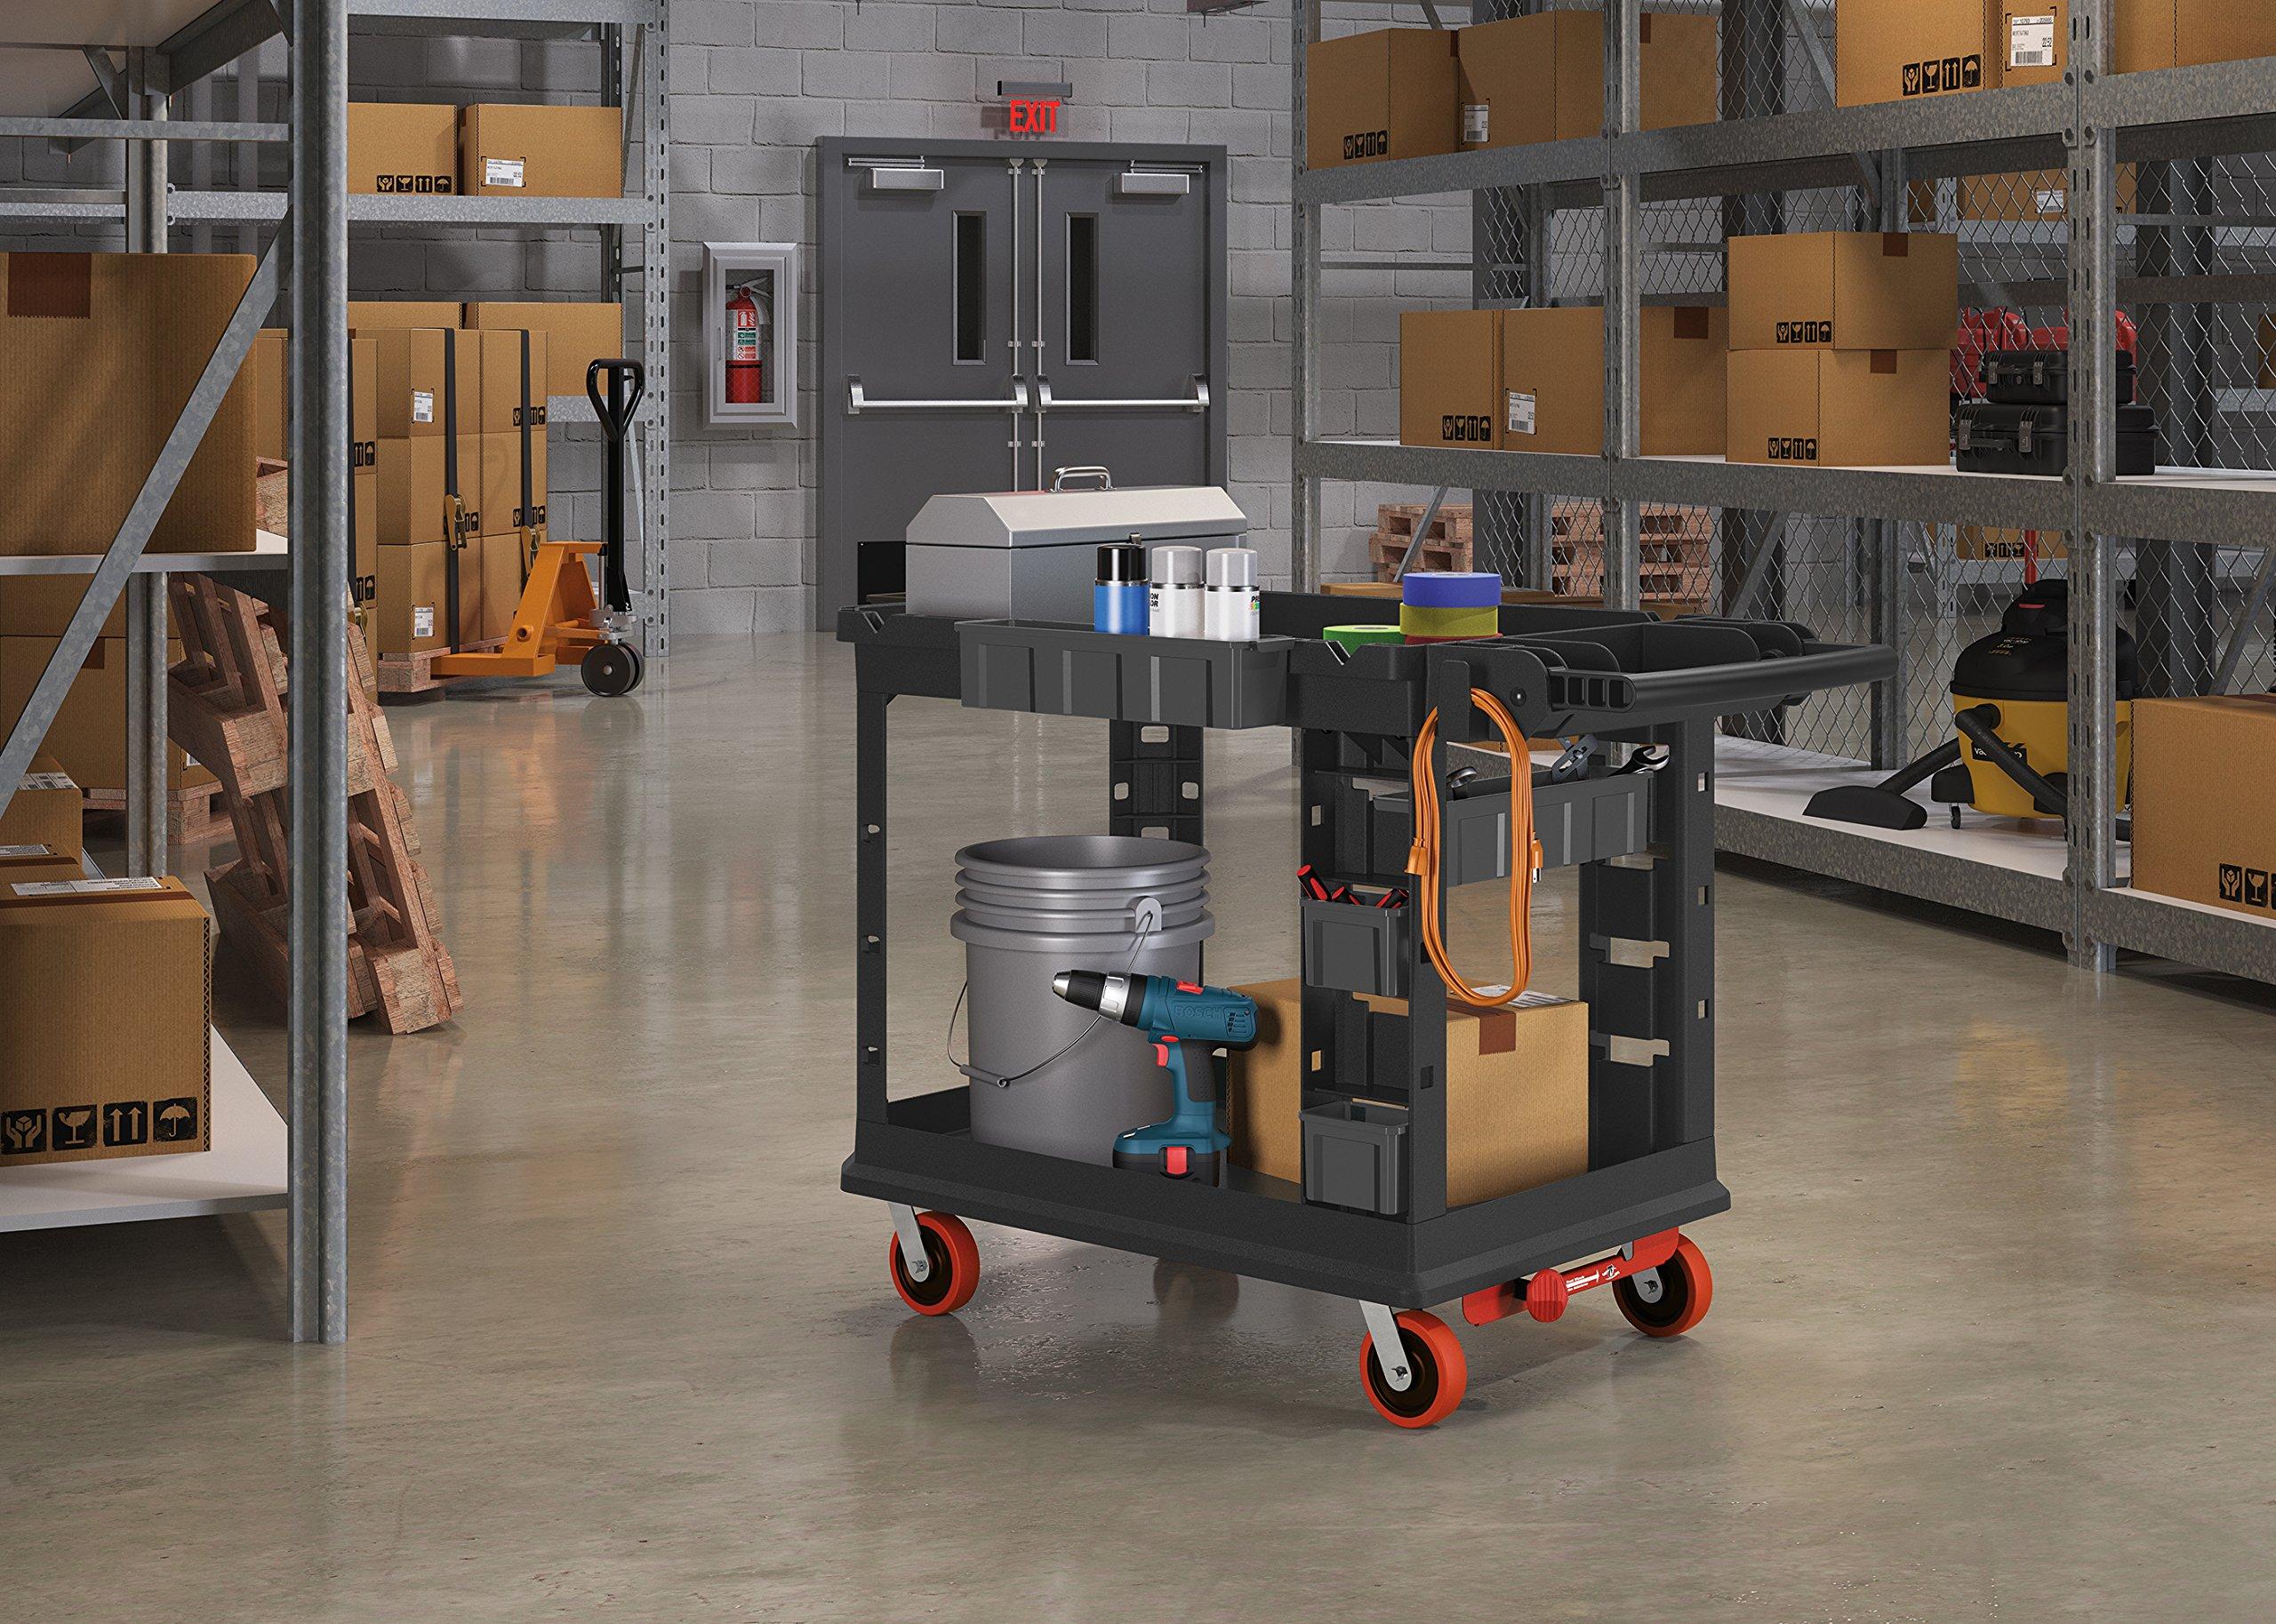 Suncast Commercial PUCHD1937 Utility Cart, Heavy Duty Plus 19 x 37, 500 Pounds Load Capacity, black by Suncast Commercial (Image #8)